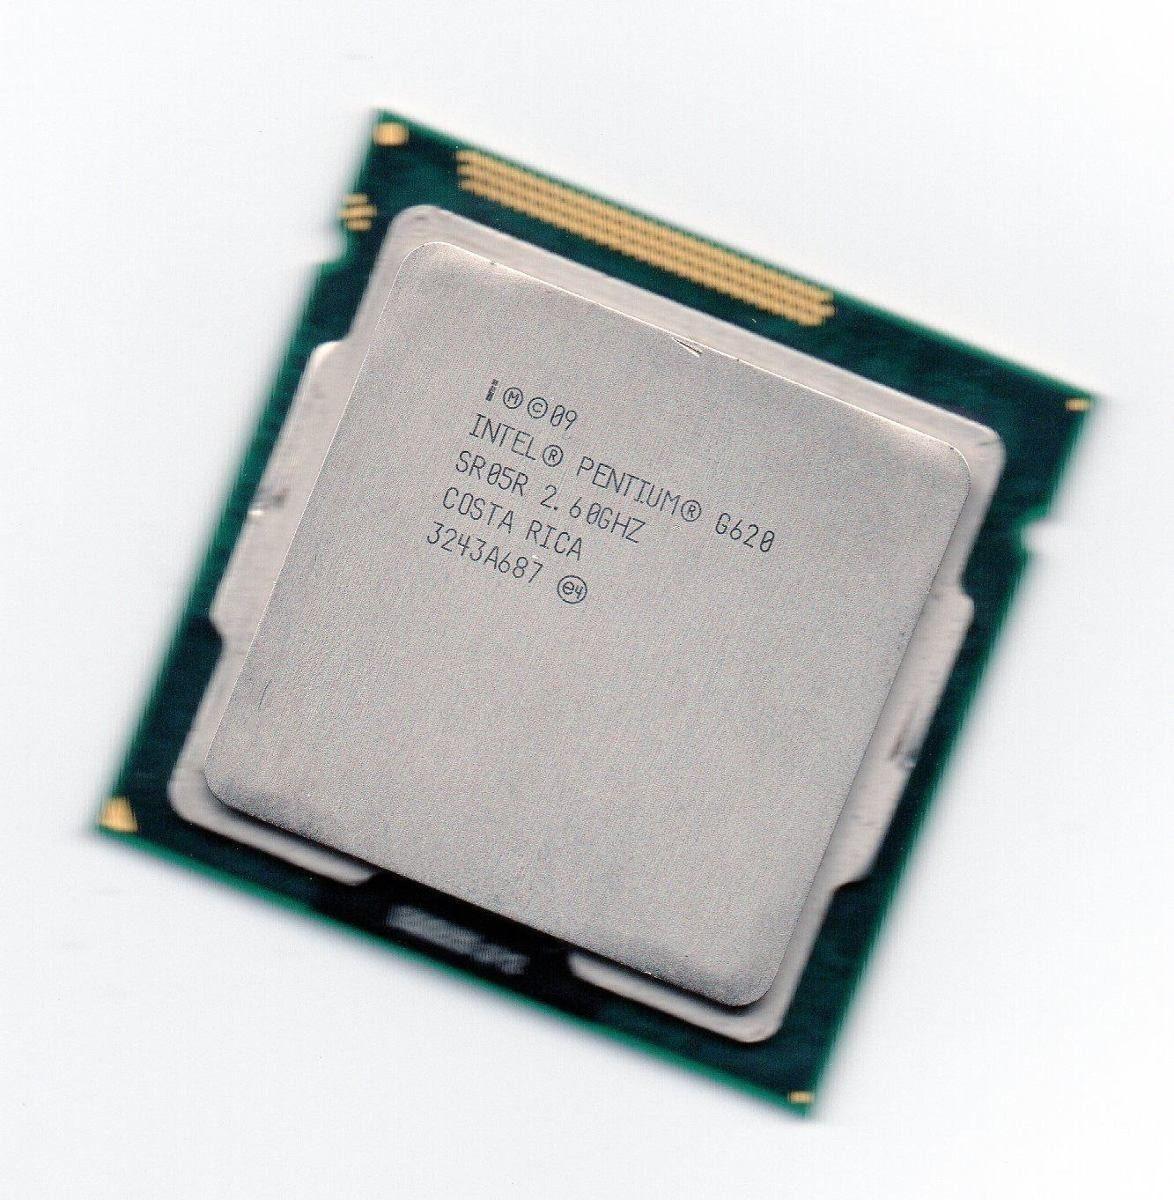 CPU 1155 | PENTIUM G620 | SR05R | INTEL | 2.60 GHZ